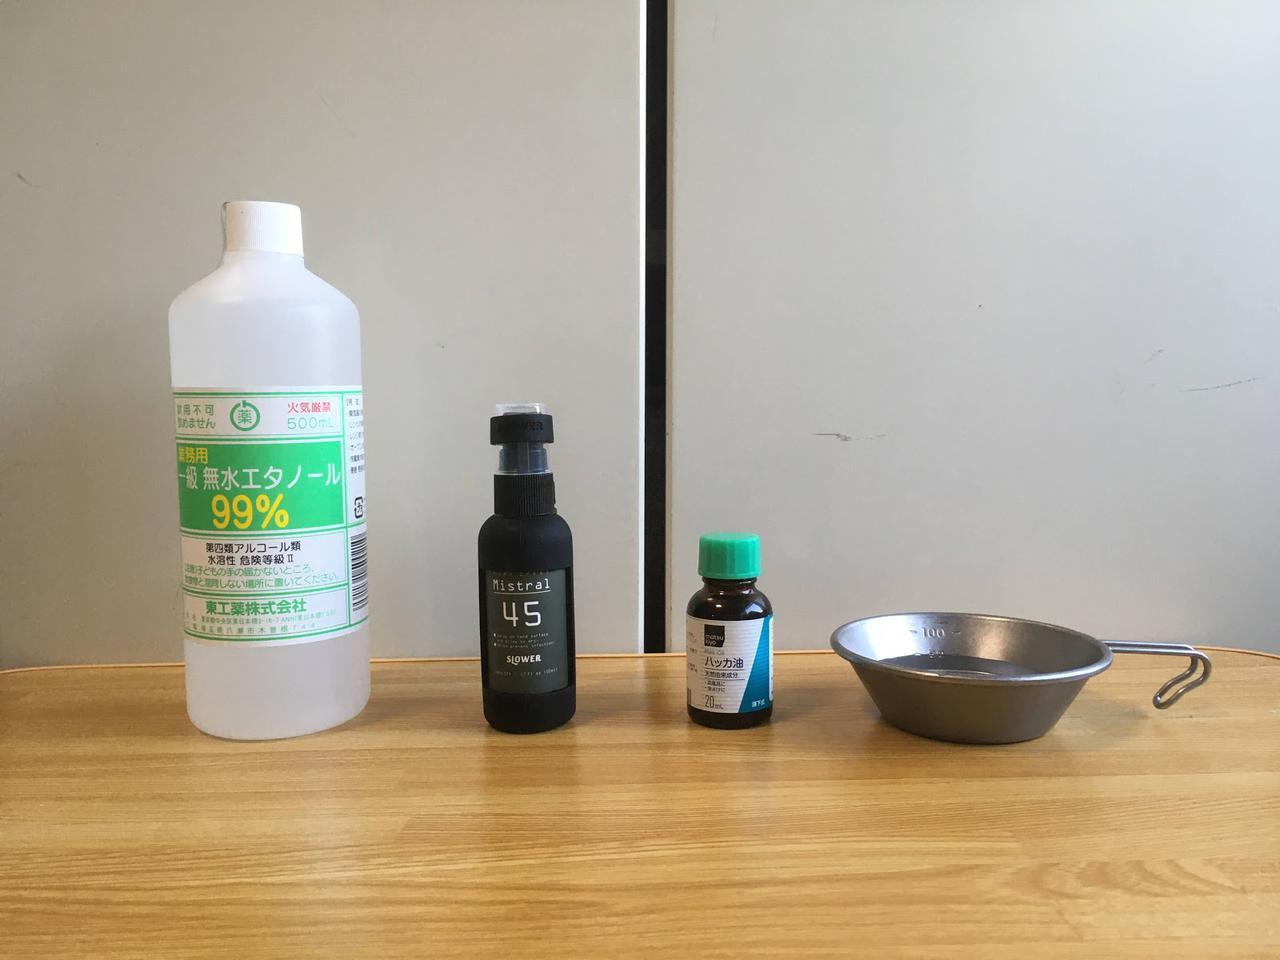 画像: 【キャンプの虫除け】ハッカ油スプレーを自作してみた! その他おすすめの虫対策用品も紹介 - ハピキャン(HAPPY CAMPER)